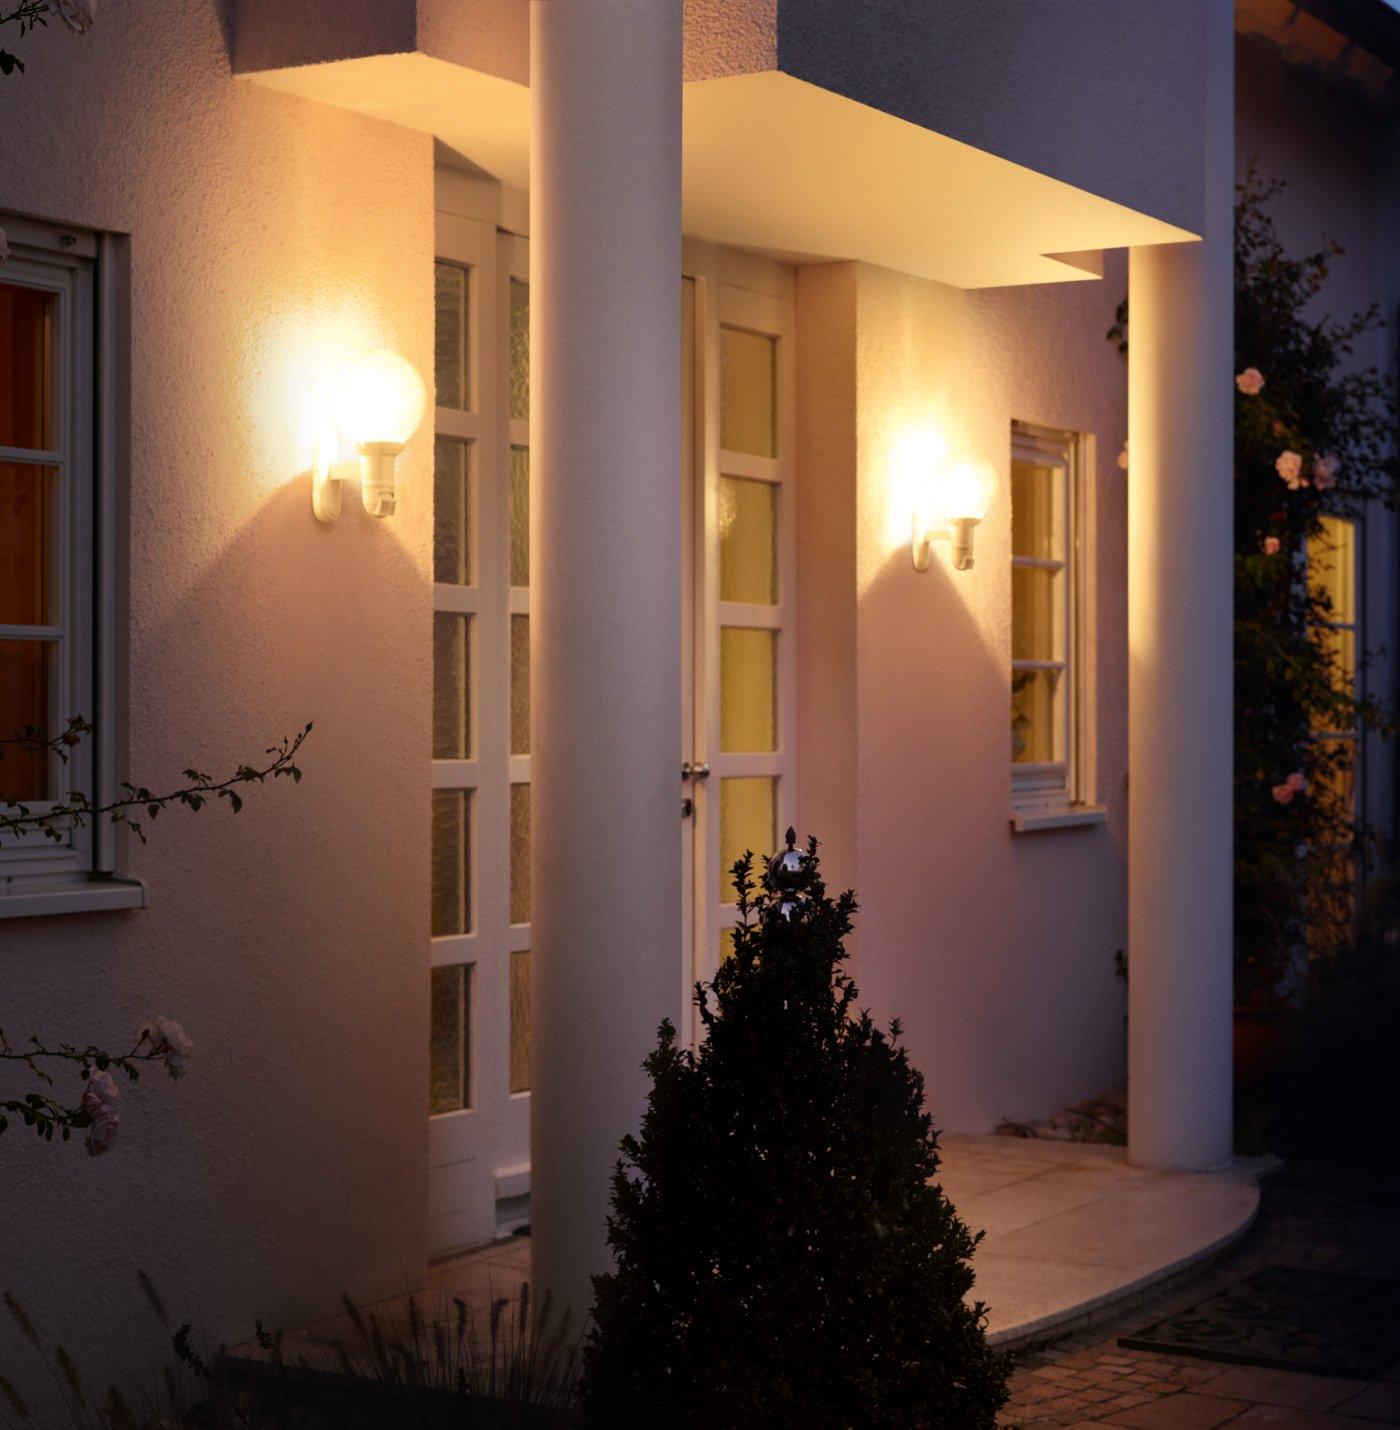 71gVYTDW9AL._SL1430_ Elegantes Steiner Lampen Mit Bewegungsmelder Dekorationen